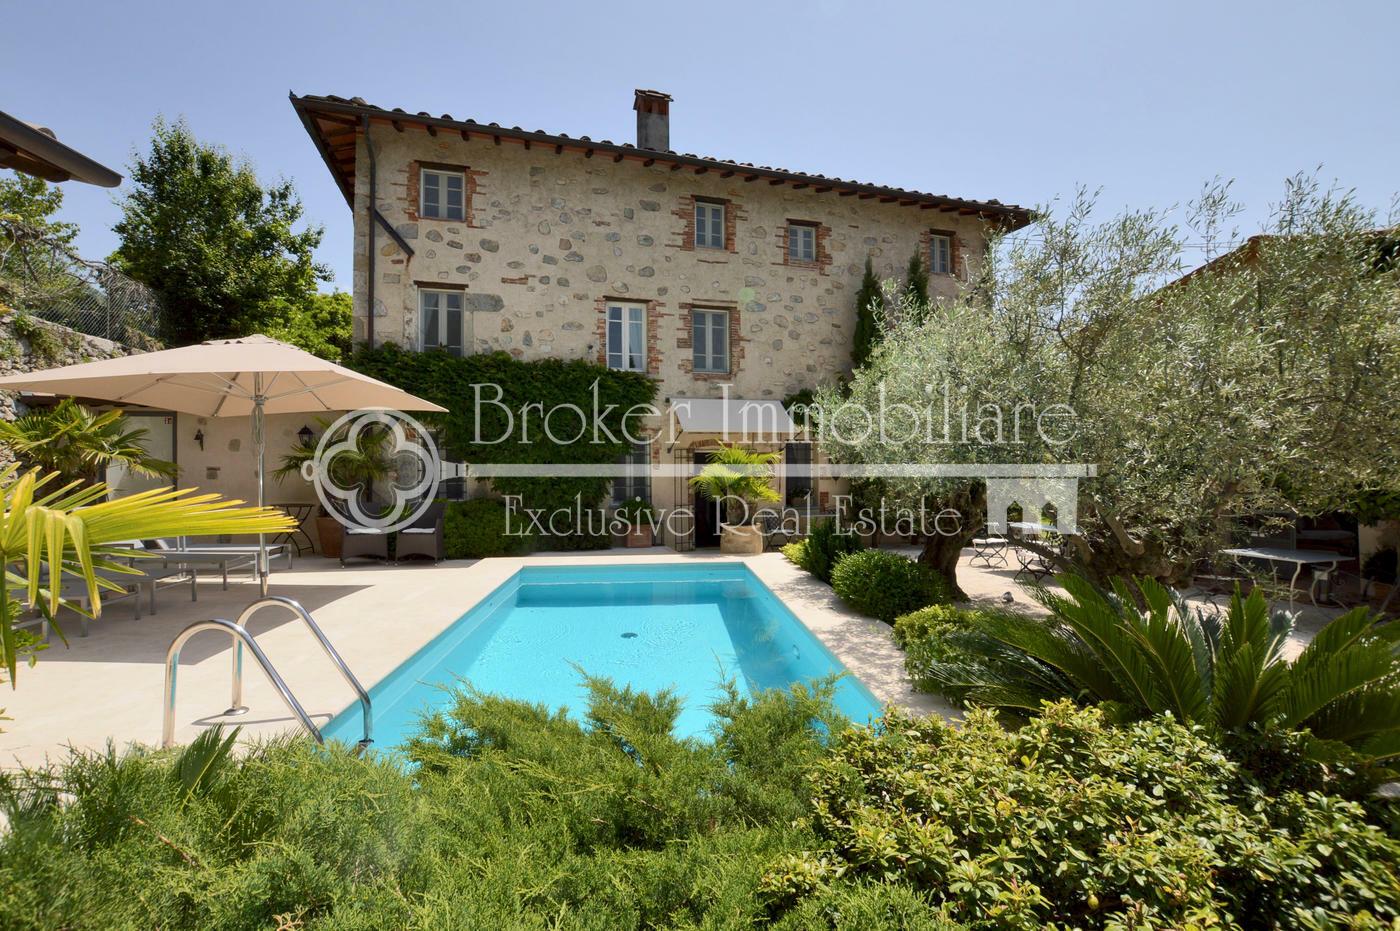 Casale in vendita sulle colline della Versilia ristrutturato con estrema cura dei dettagli